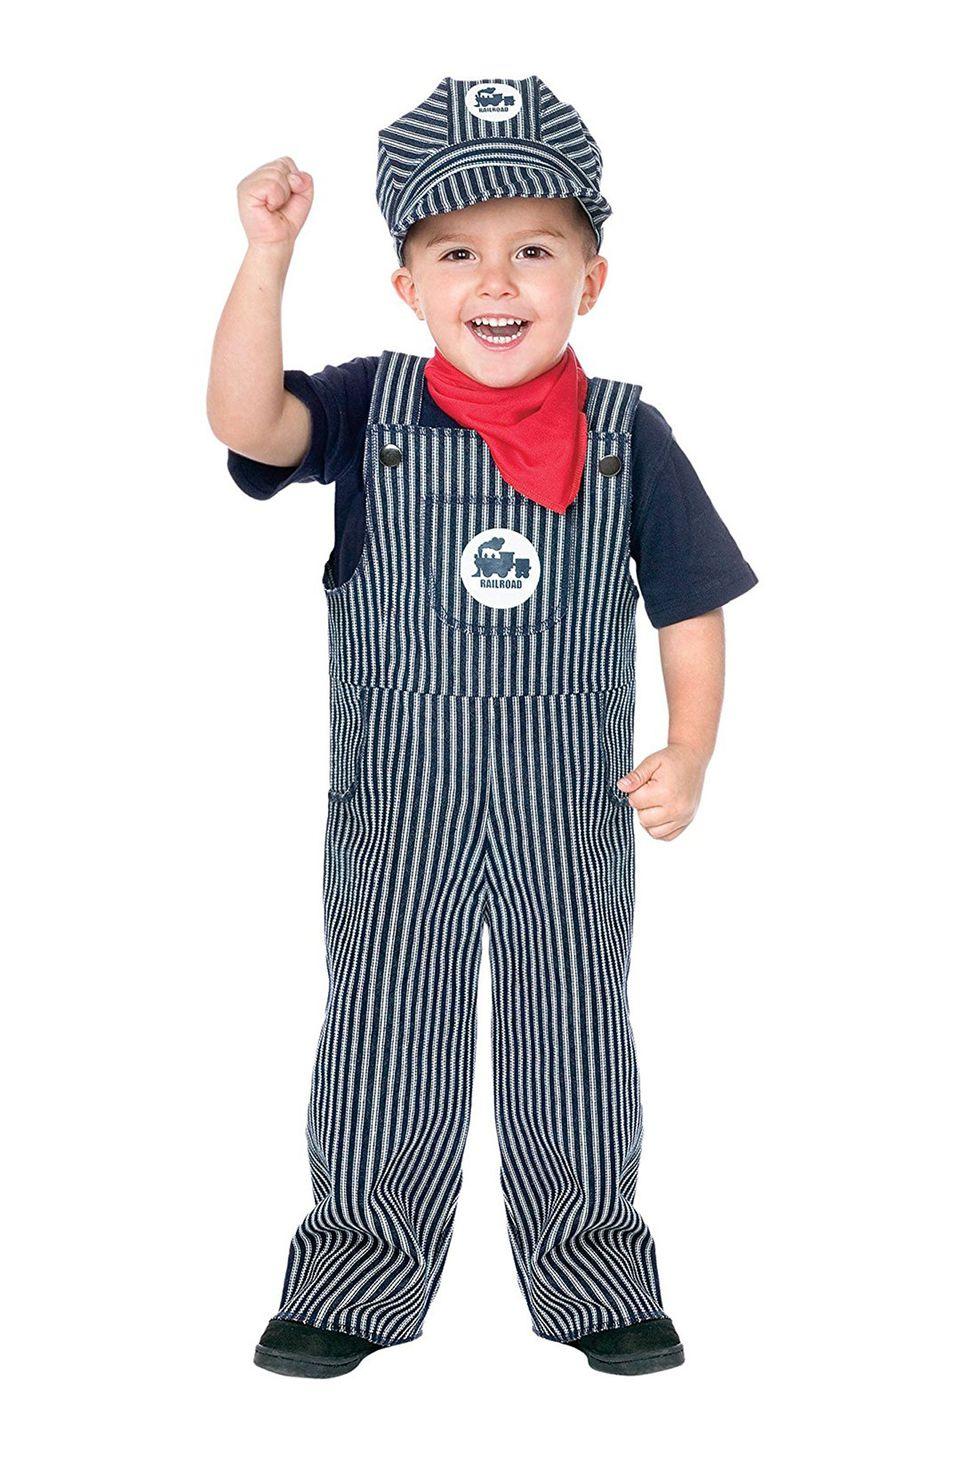 ideias fantasias halloween9 - 25 Ideias de disfarces de Halloween para bebes e crianças